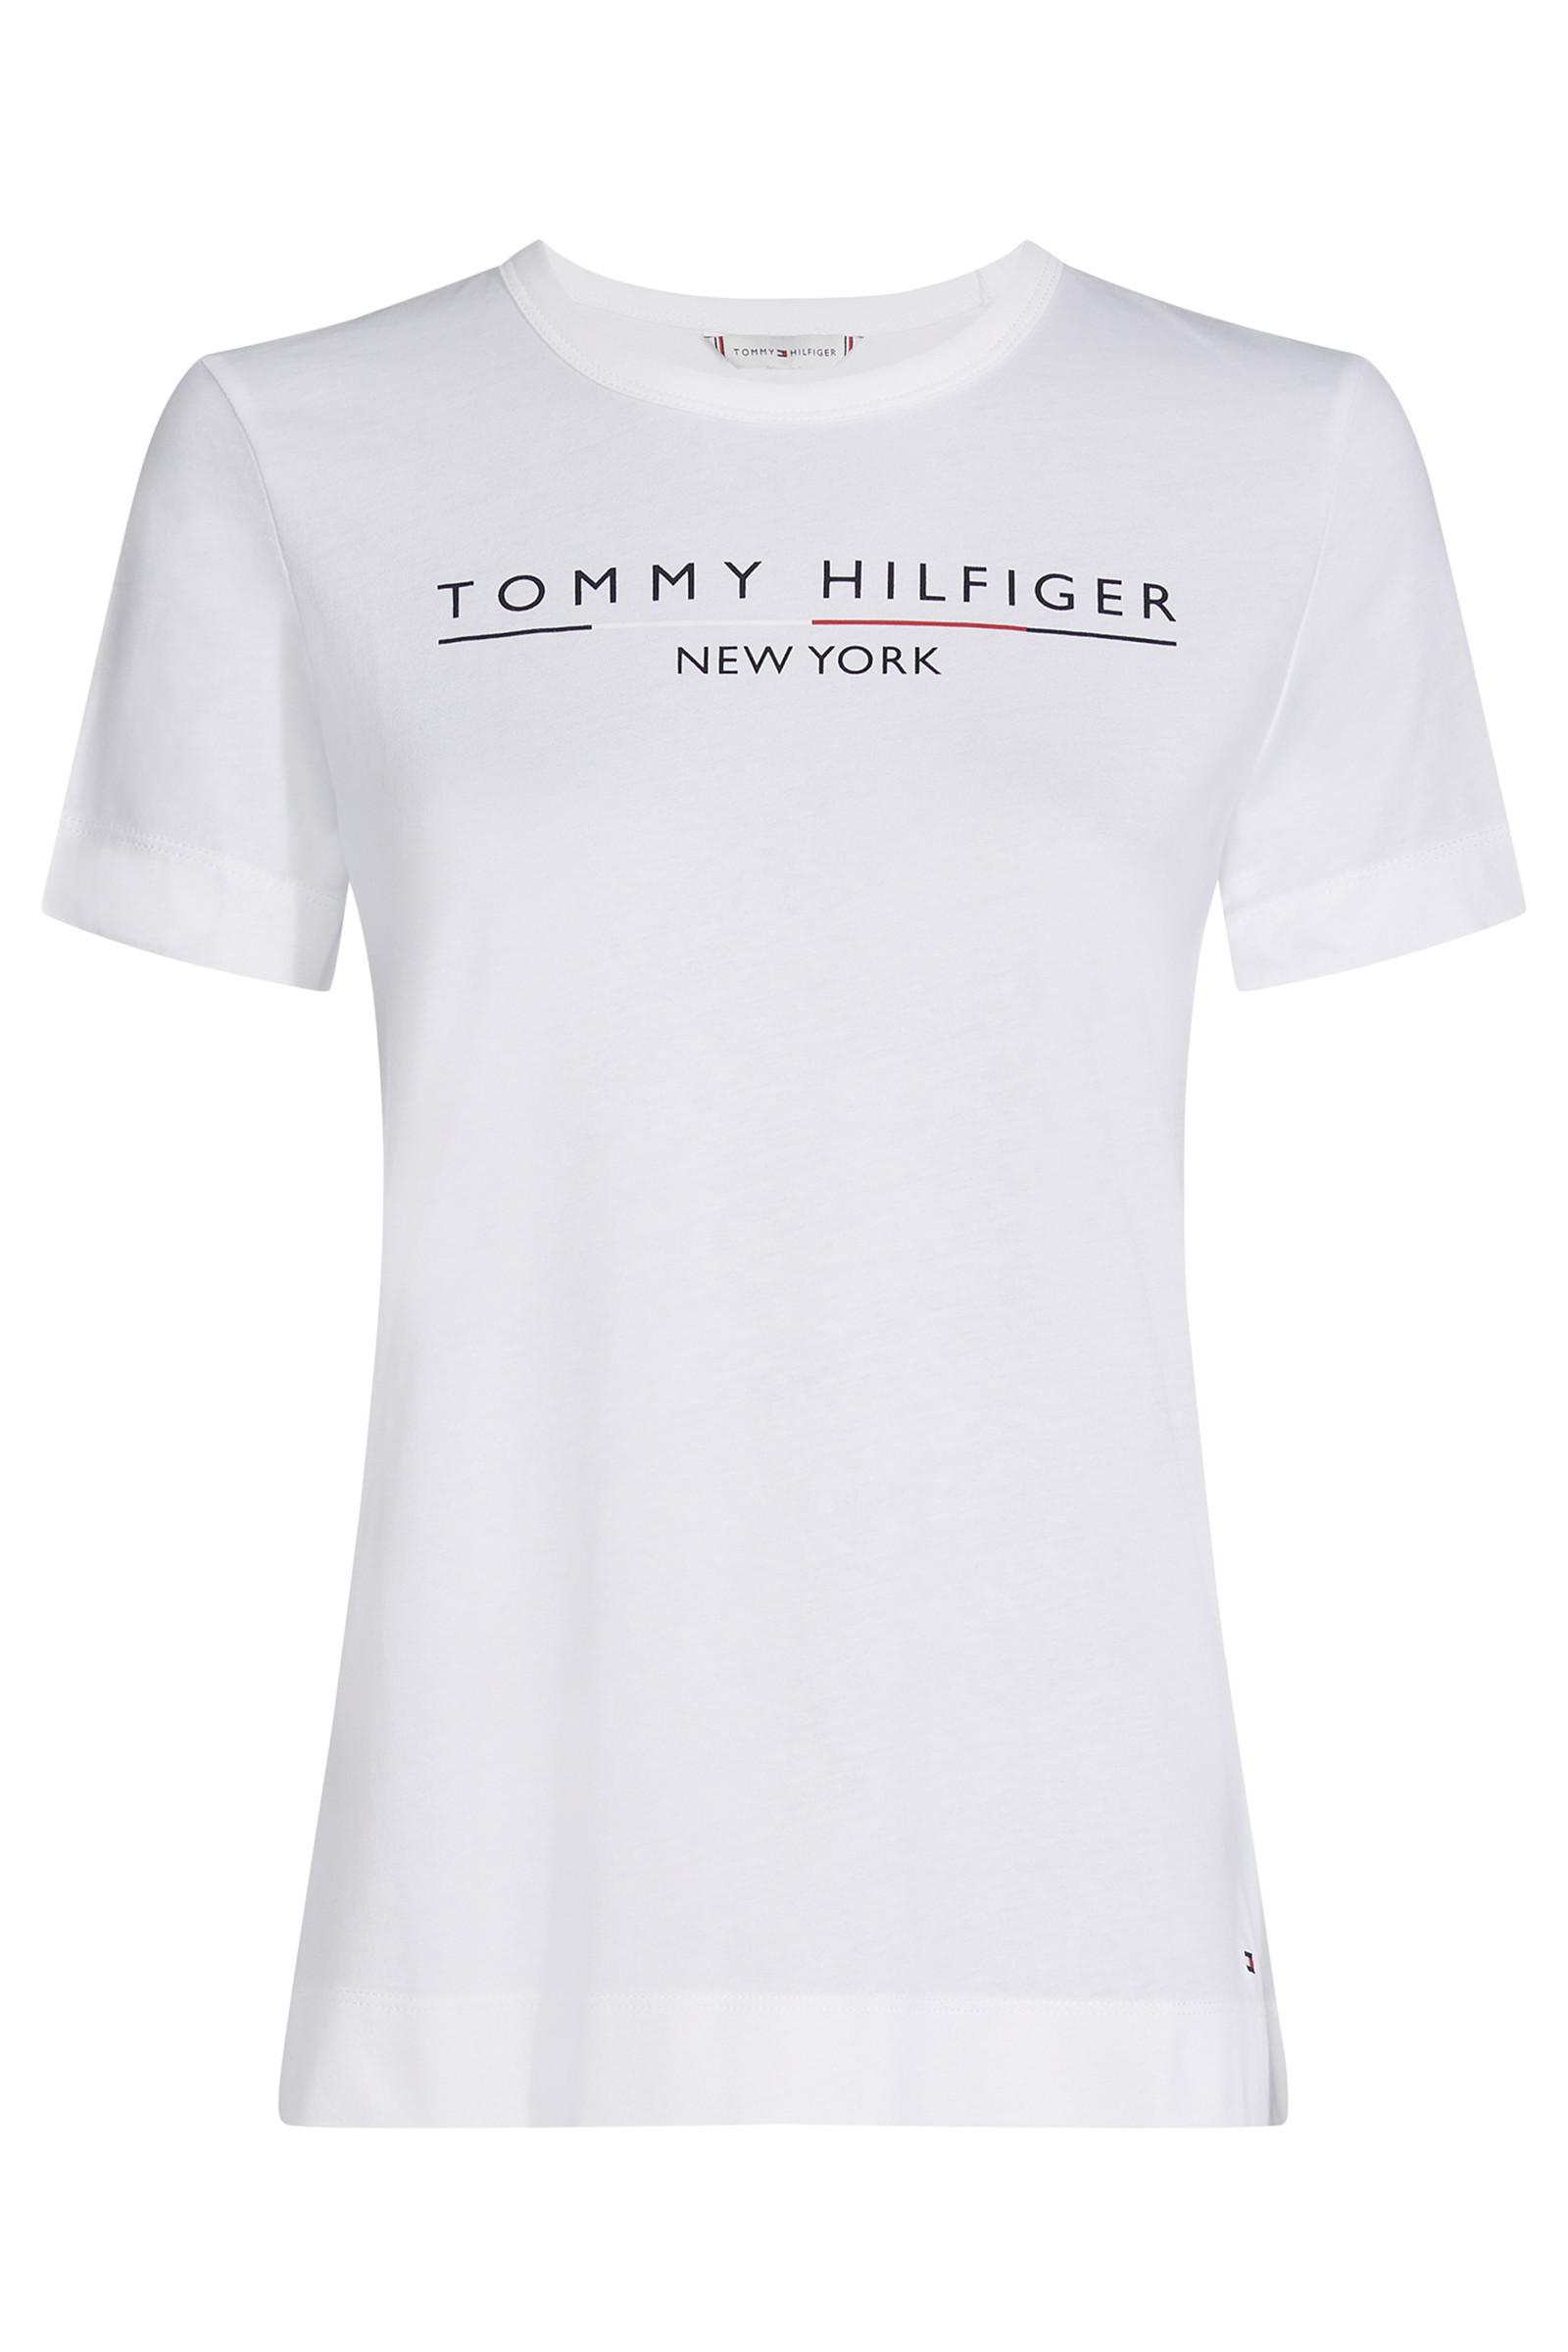 TOMMY HILFIGER CHRISTA C-NK 25603 HVID